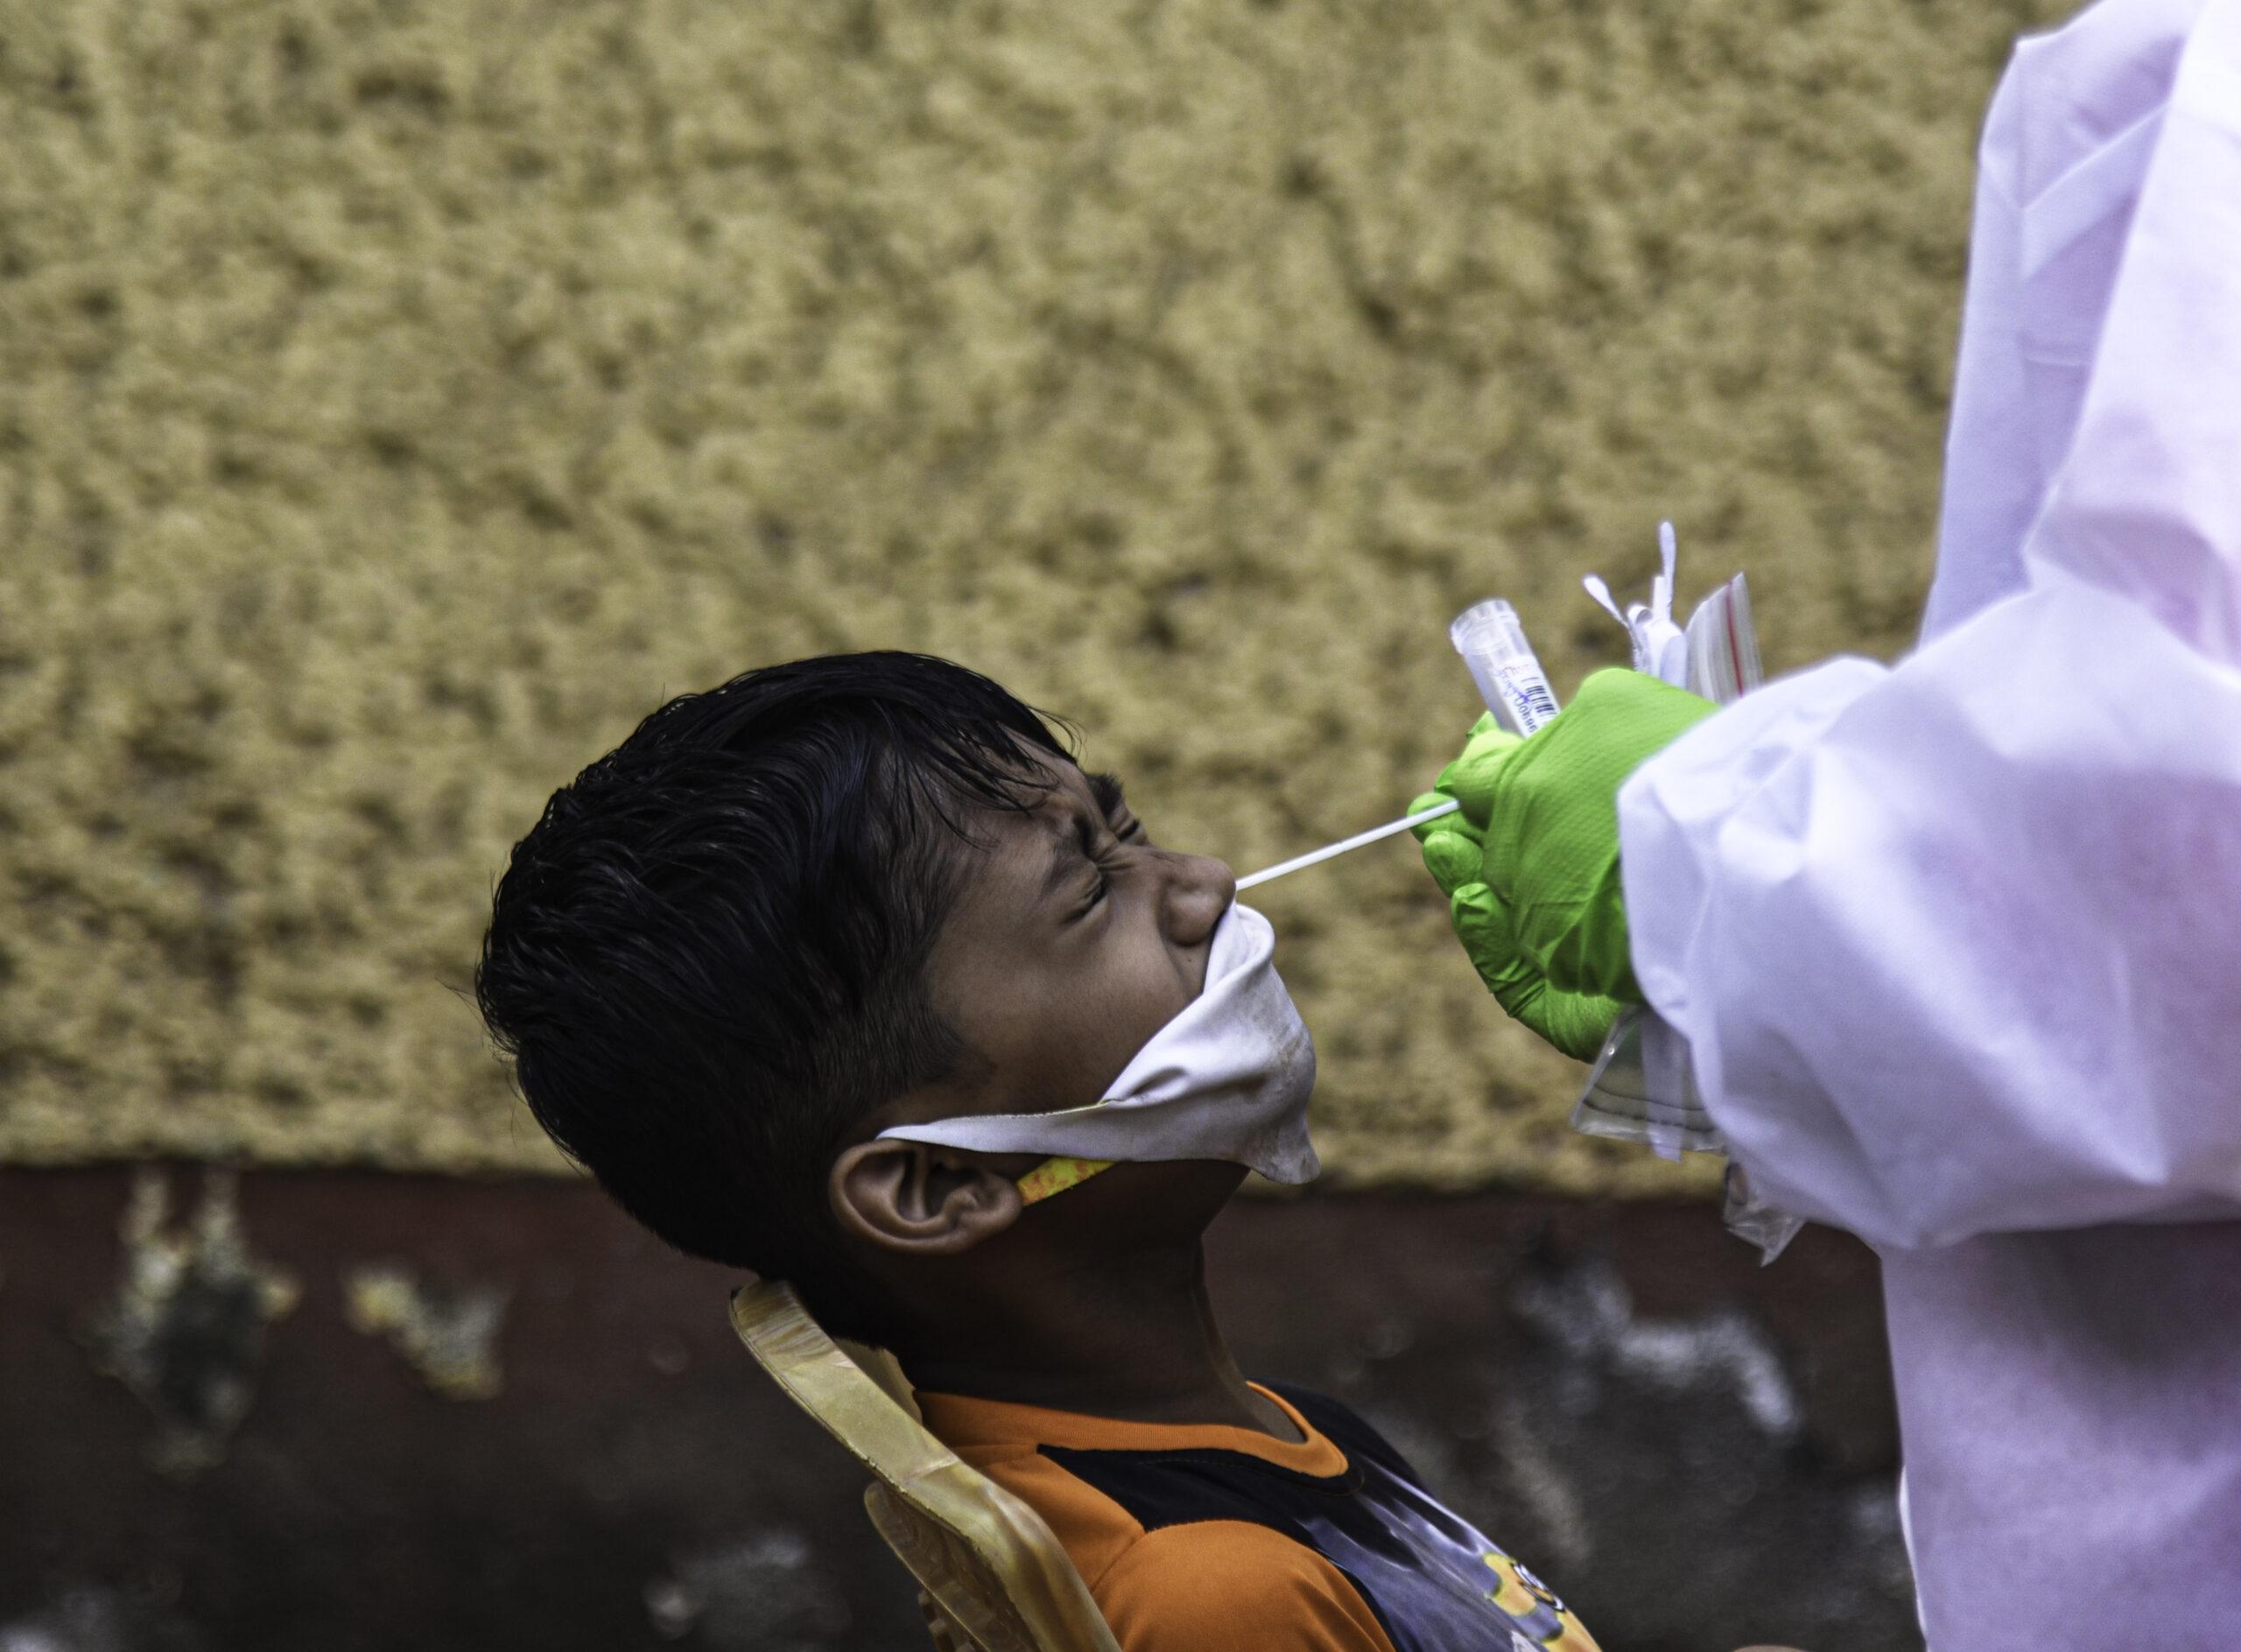 อินเดียพบ 'เด็กกำพร้า' เพราะโควิด-19 กว่า 1,700 คน